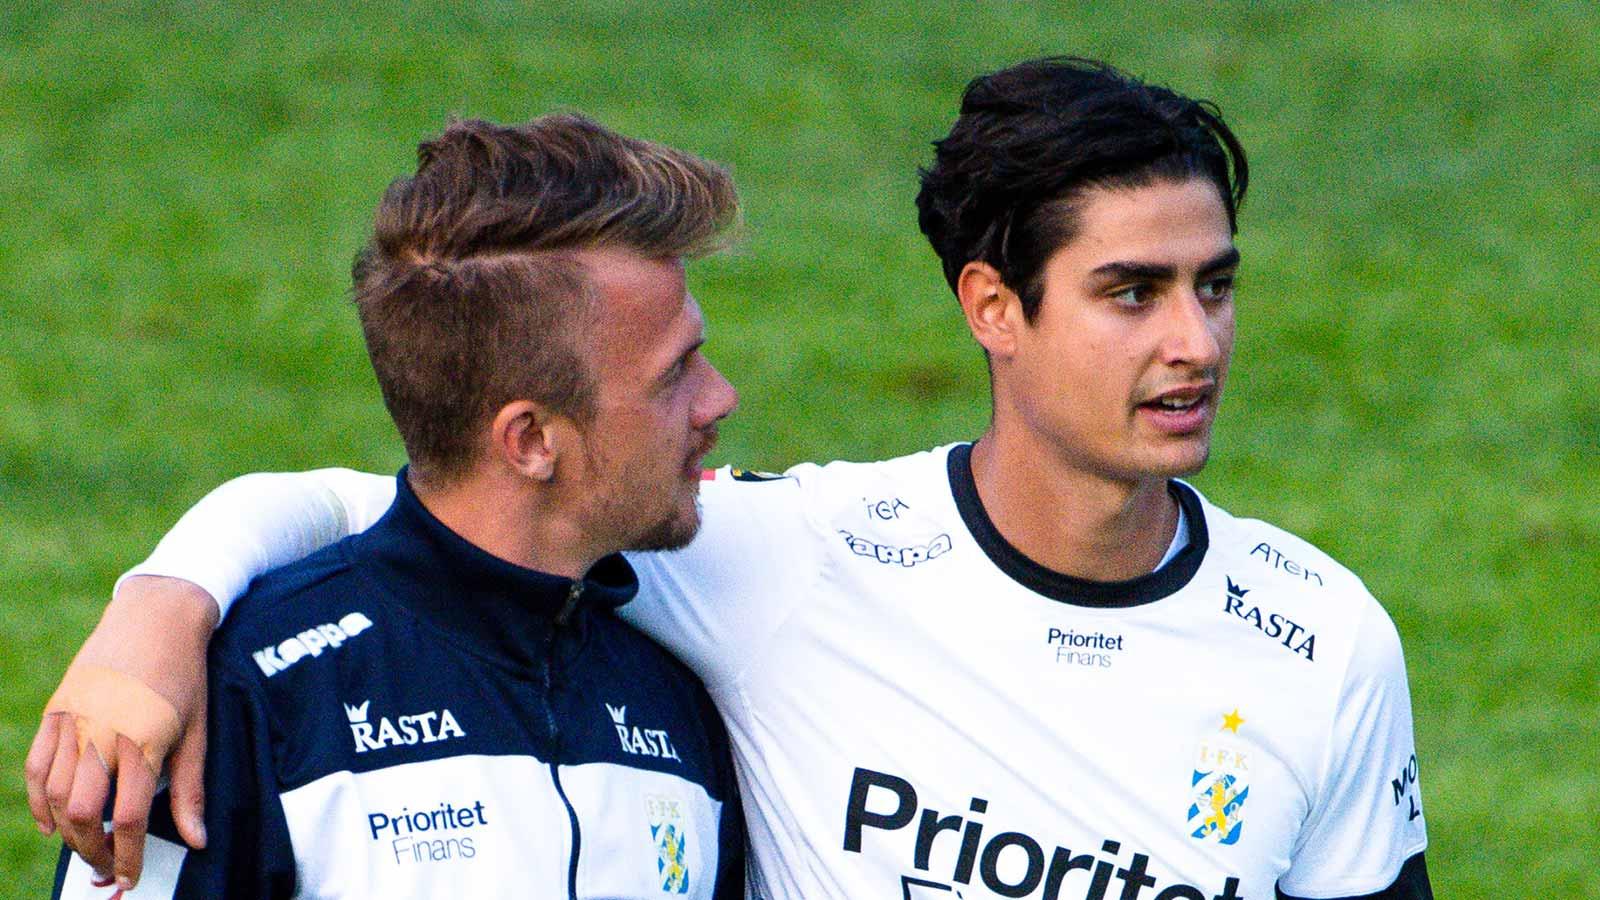 180611 IFK Göteborgs målvakt Tom Amos efter en träningsmatch i fotboll mellan en dalakombination och IFK Göteborg den 11 juni 2018 i Nyhammar.